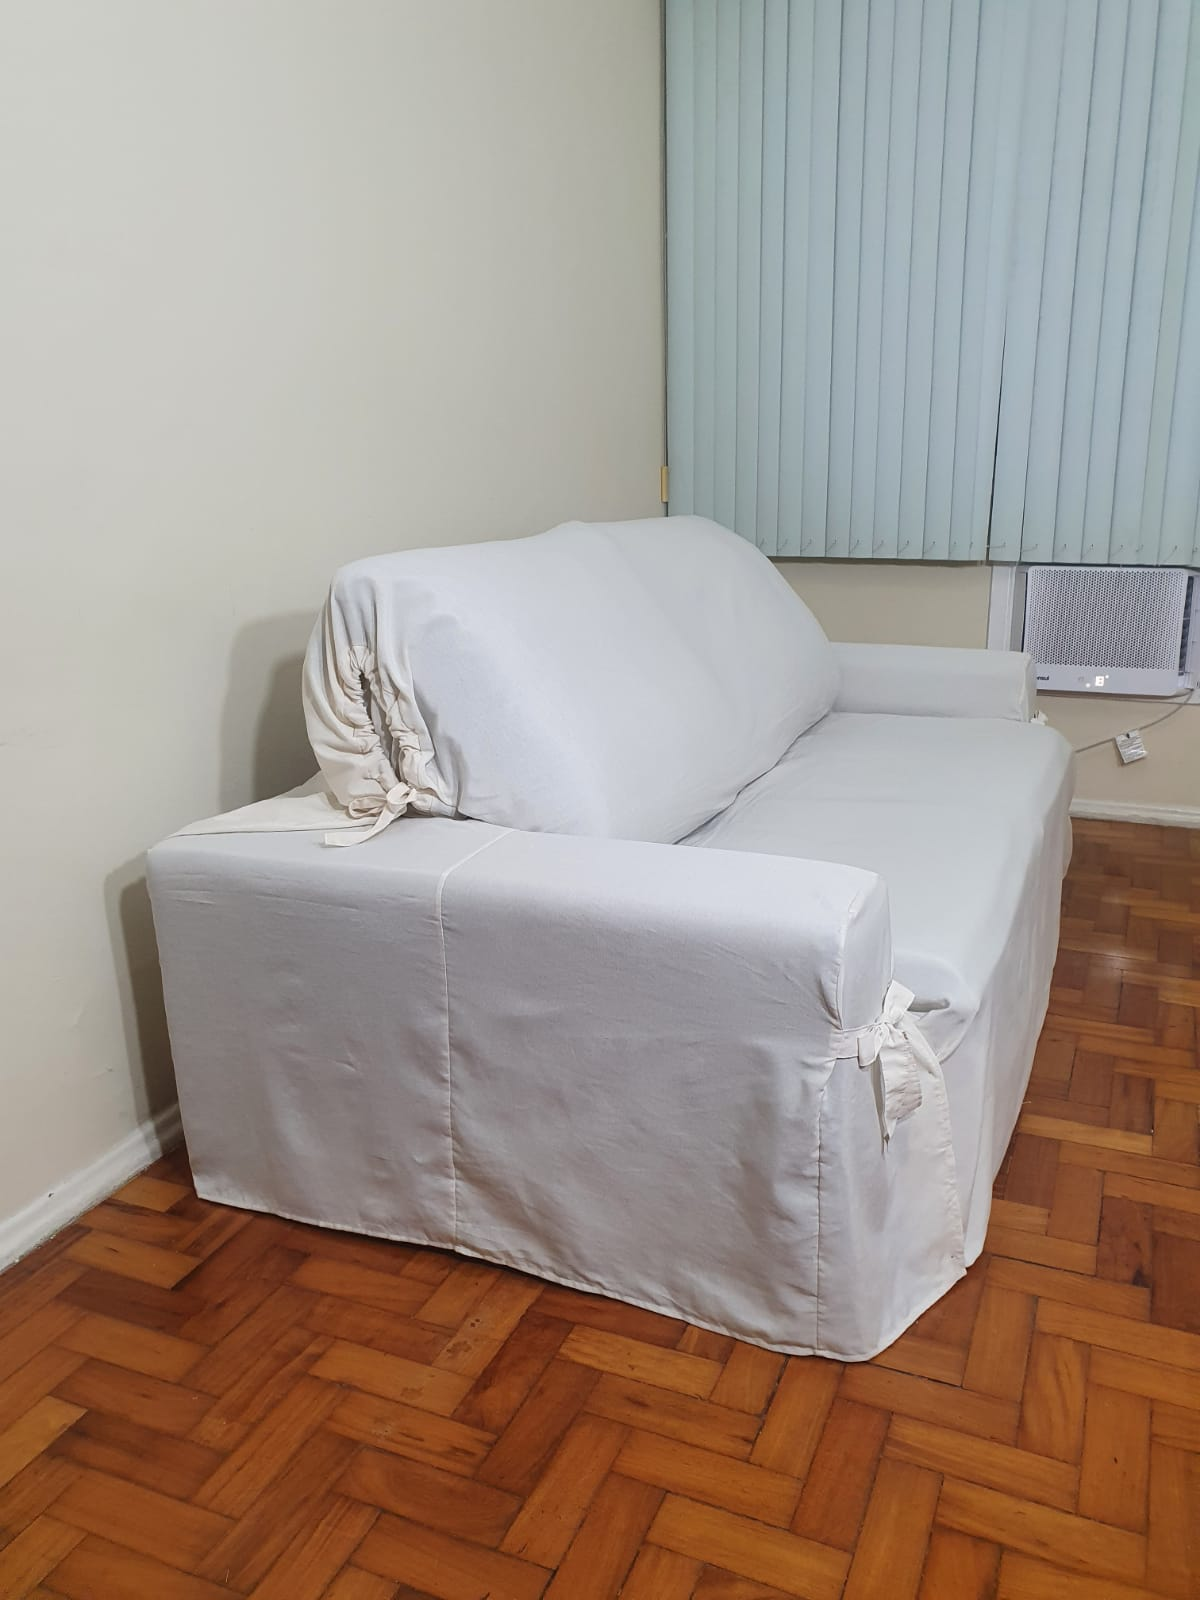 Capa p/ Sofá Retrátil e Reclinável em GORGURÃO CRU - Veste Sofás de 1,50m até 1,95m